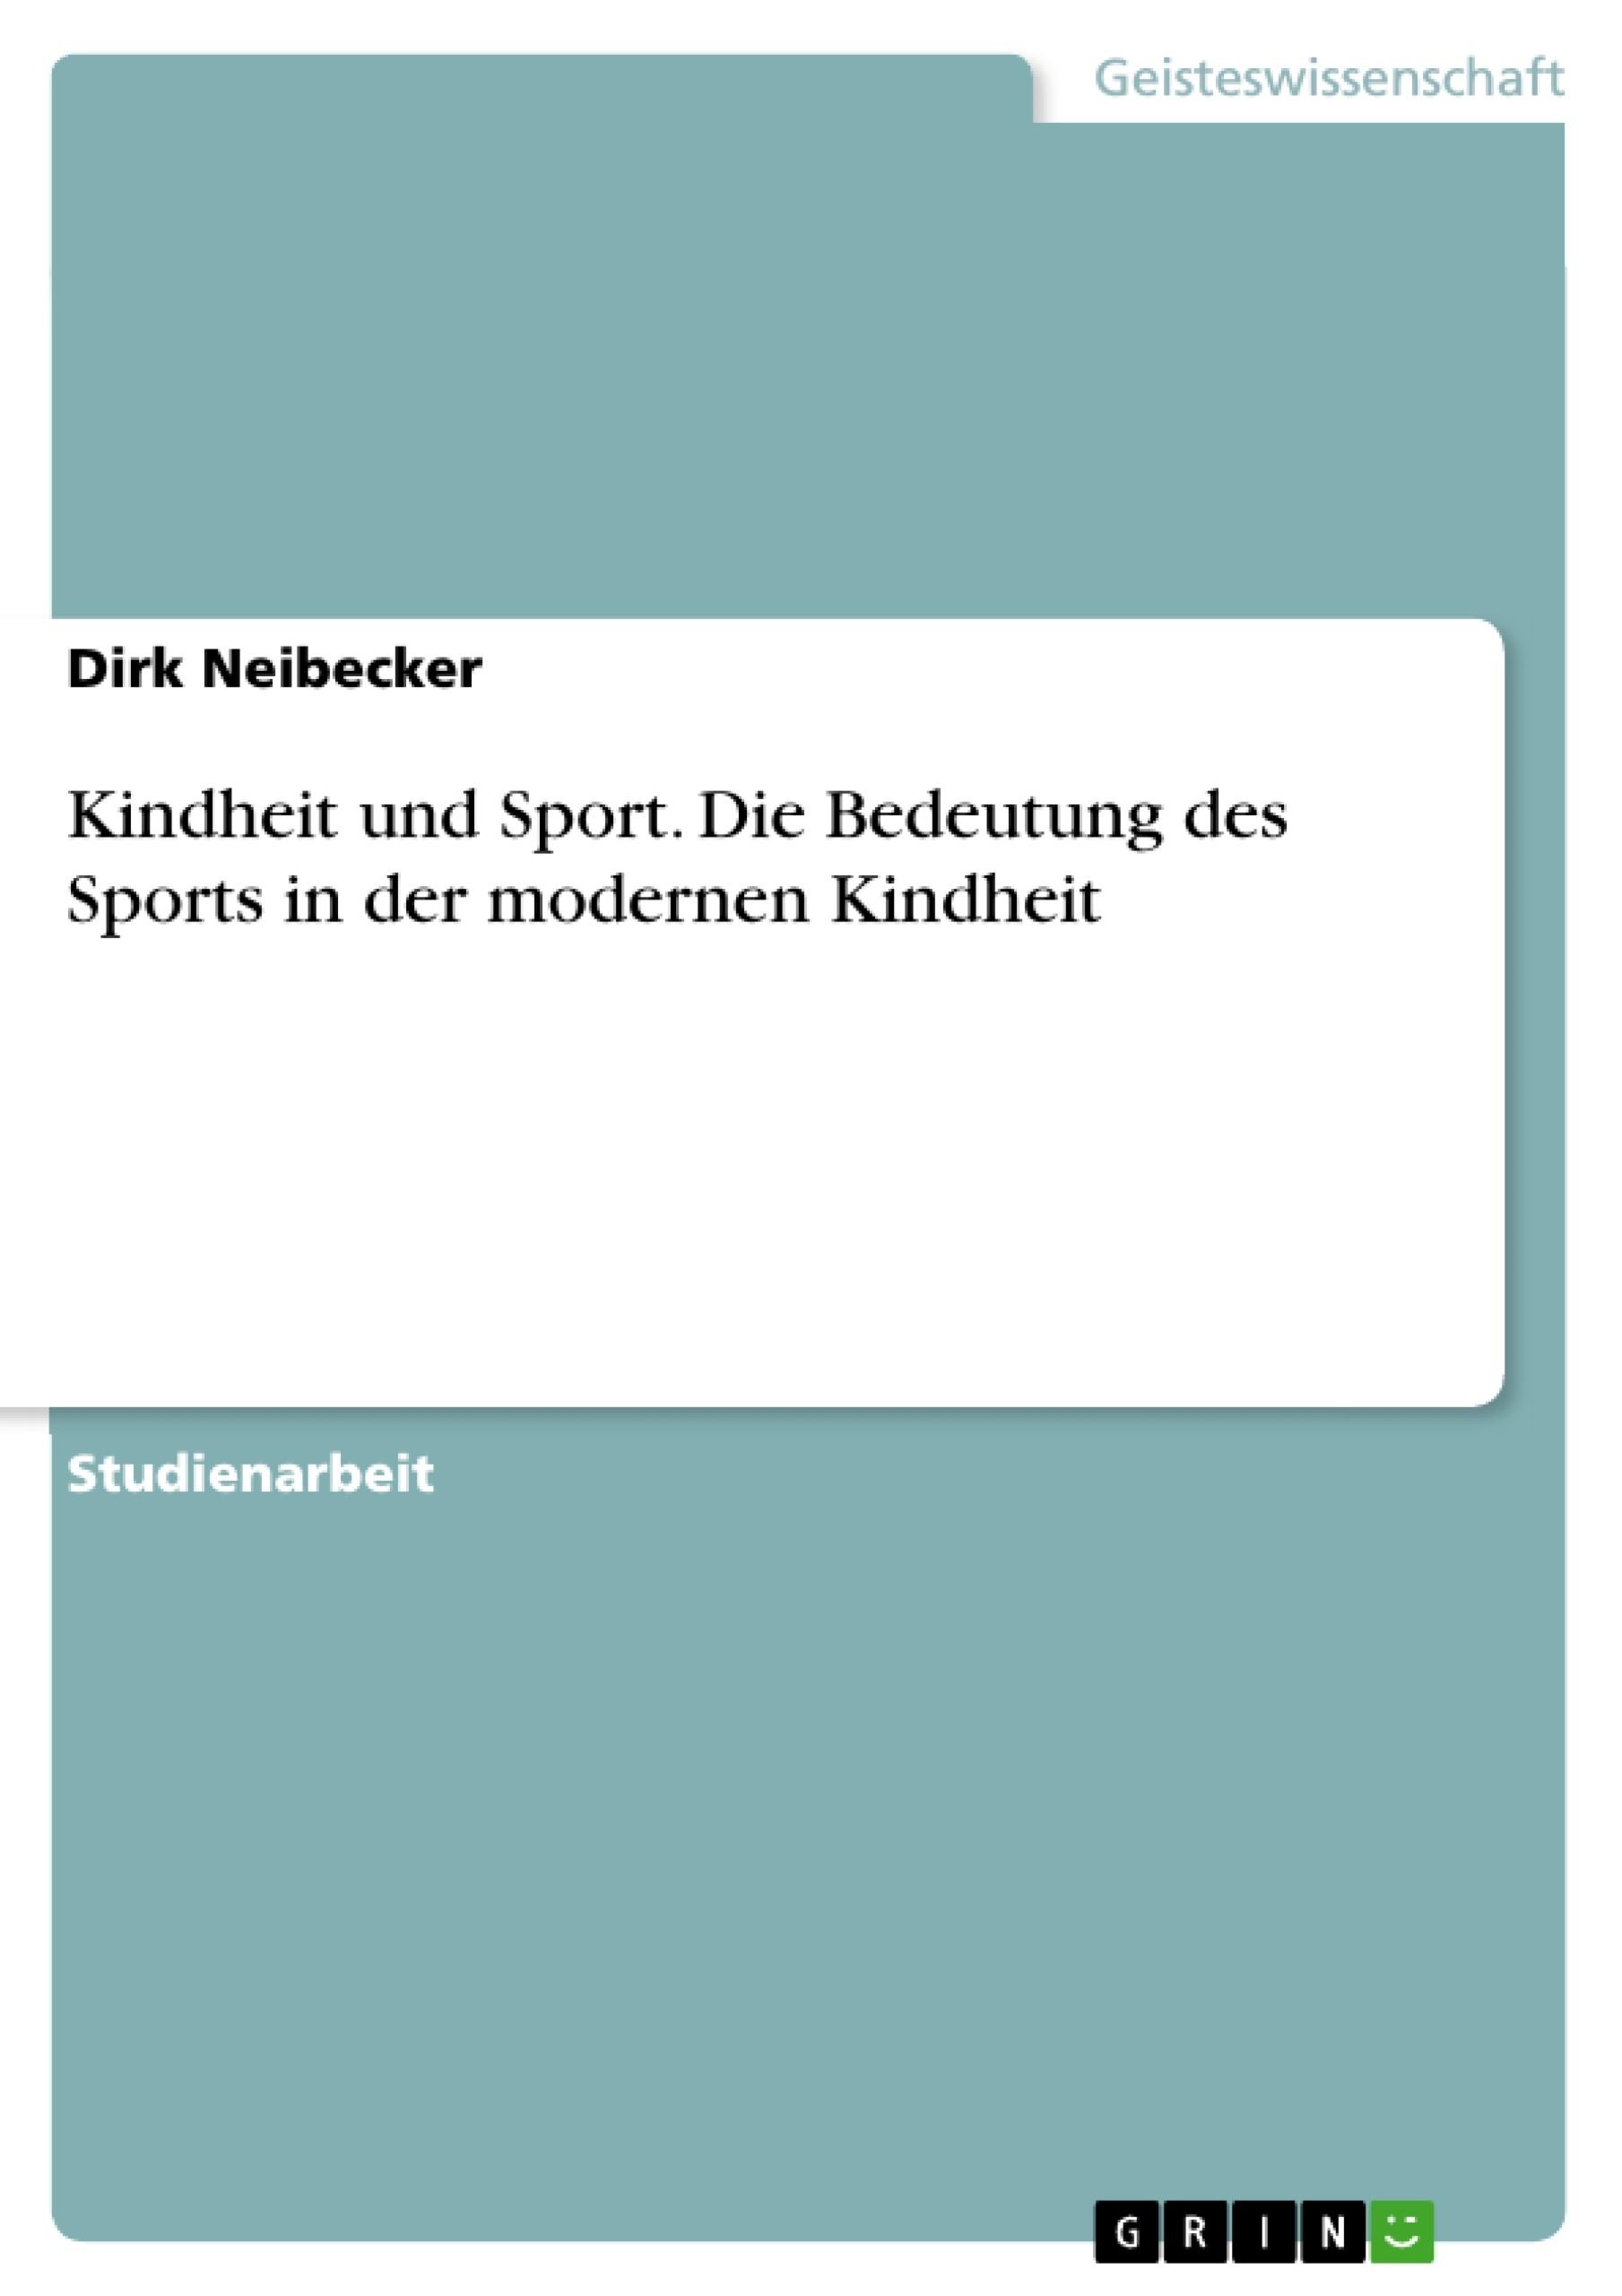 Titel: Kindheit und Sport. Die Bedeutung des Sports in der modernen Kindheit